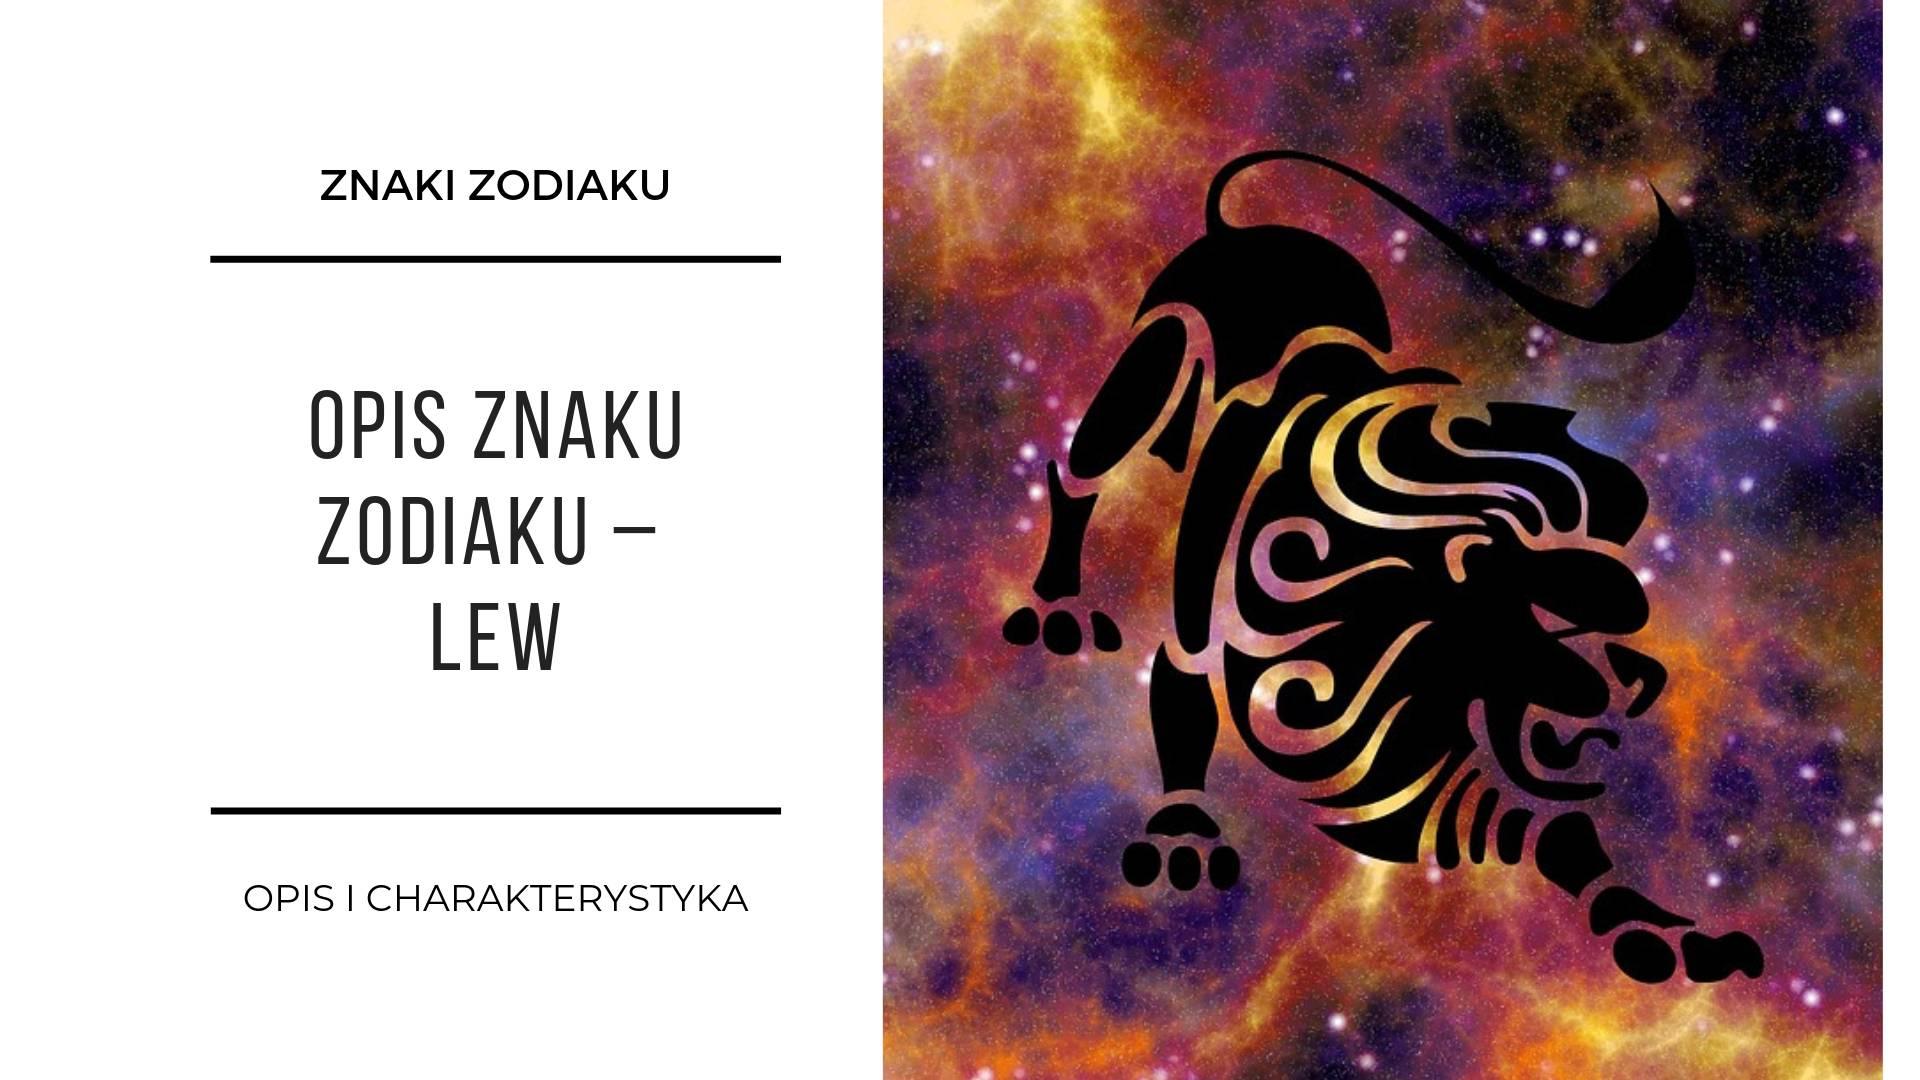 Znaki zodiaku 7